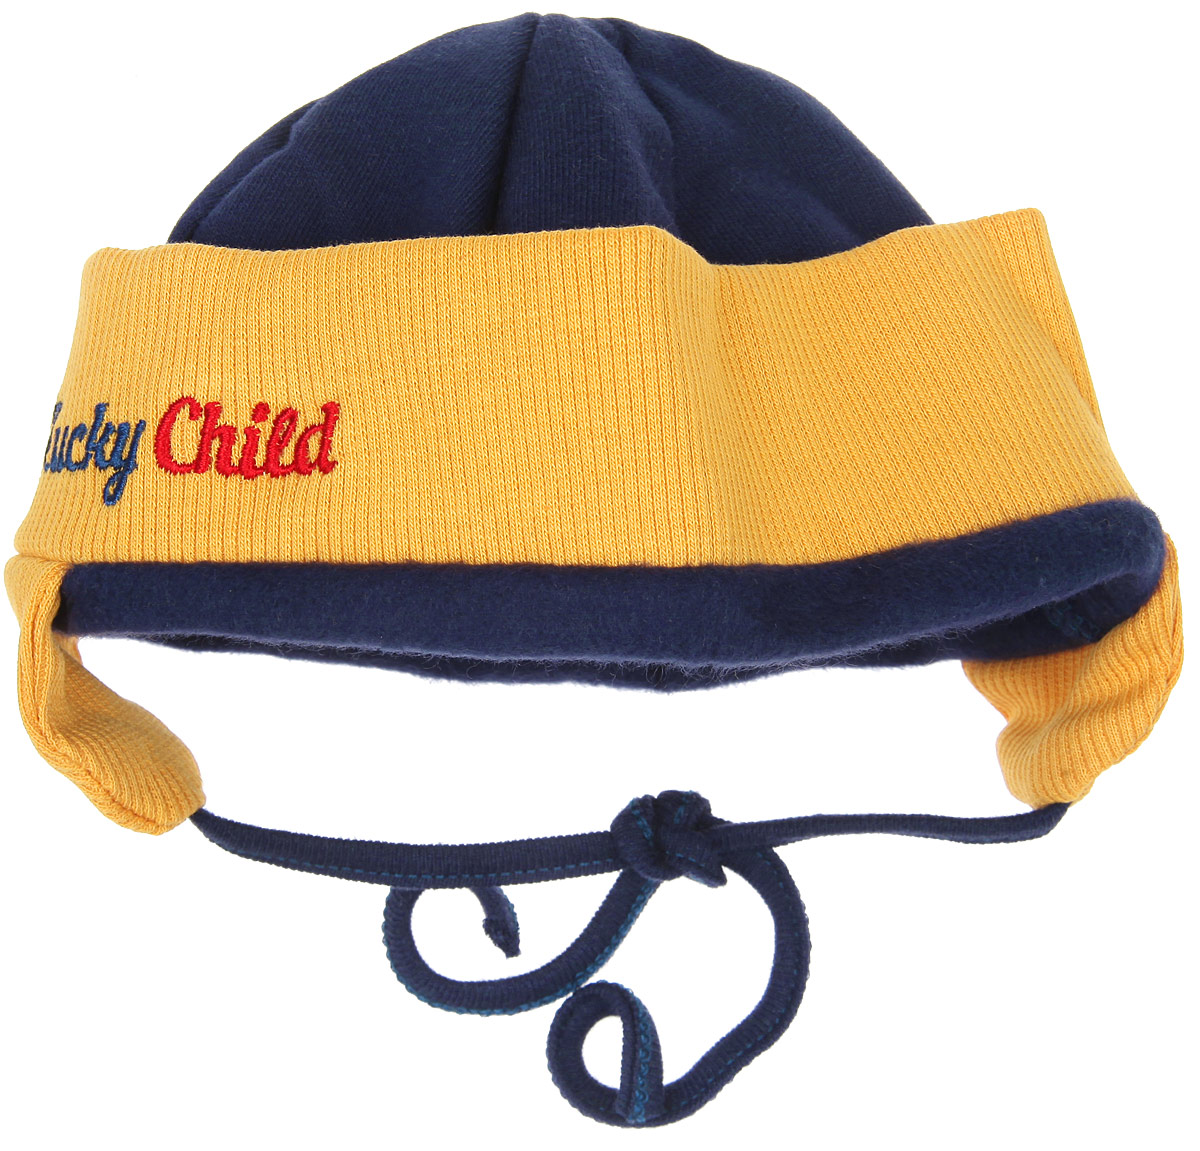 Шапочка для мальчика Lucky Child Мужички, цвет: синий, горчичный. 27-91ф. Размер 36 шапочки и чепчики lucky child шапочка мужички 27 91ф